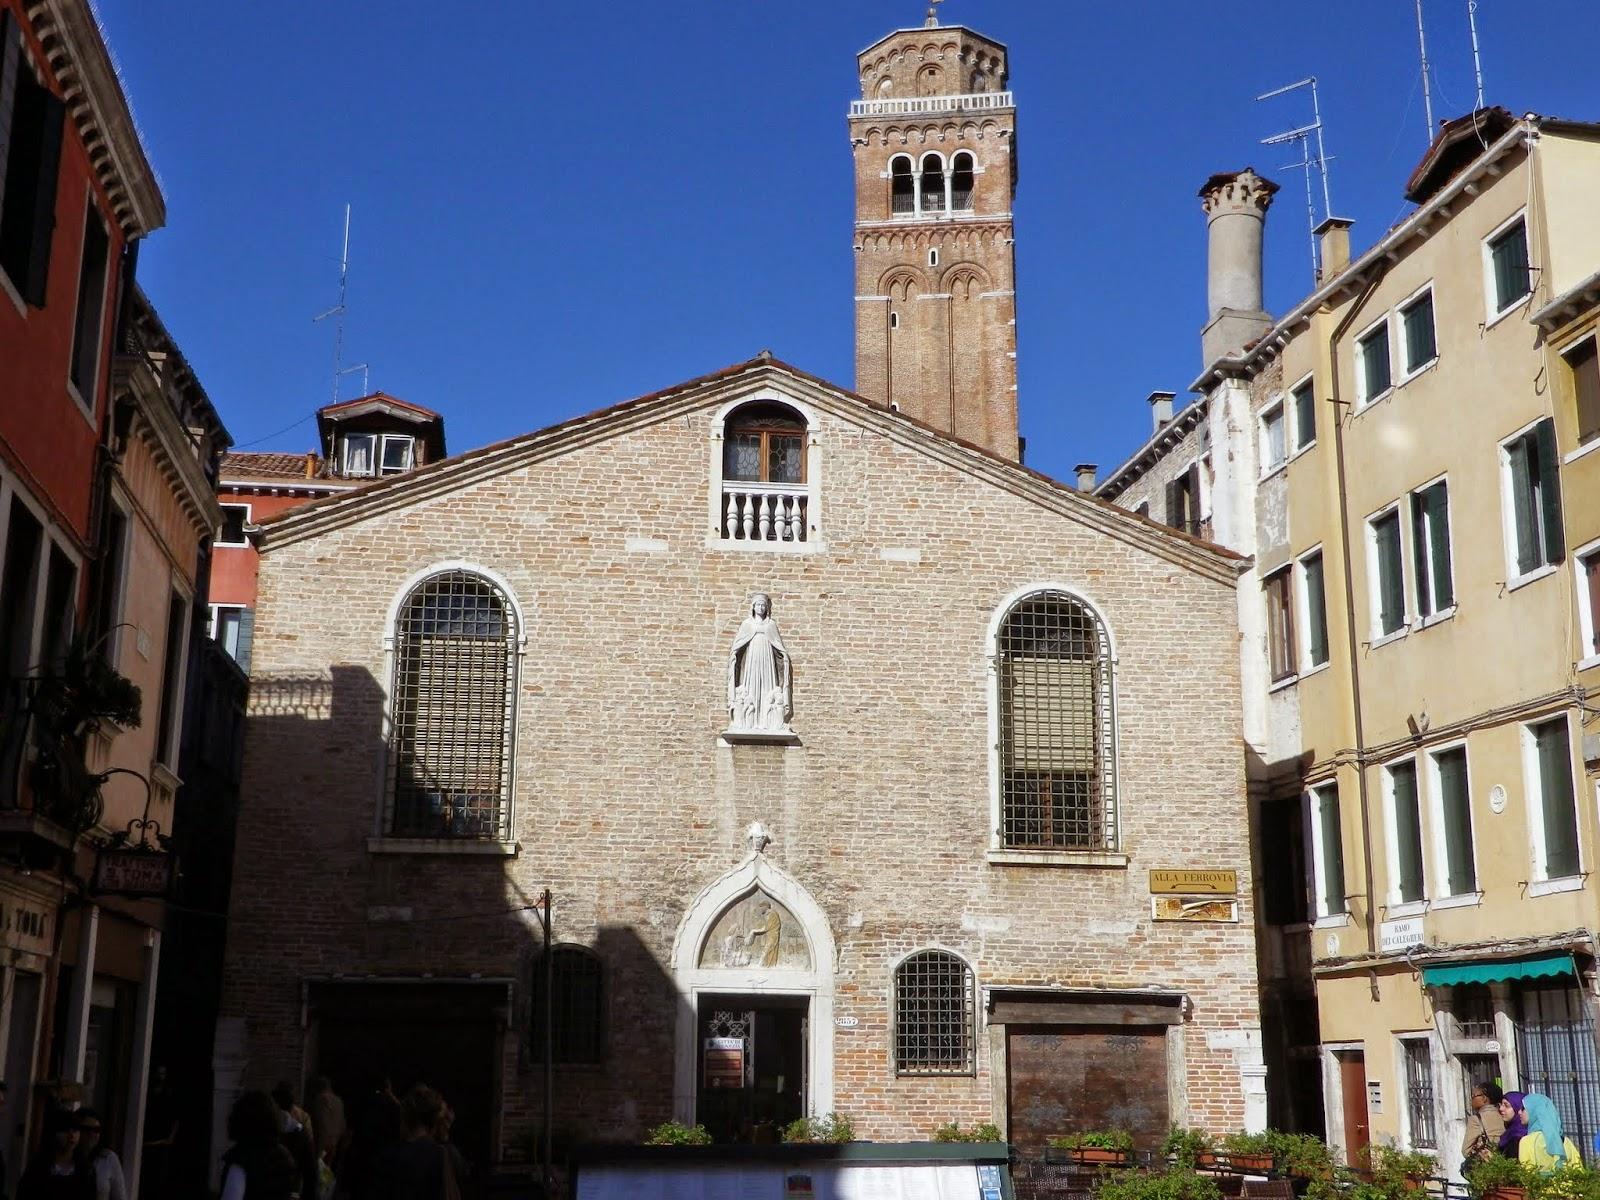 The Scuola dei Calegheri in Venice.